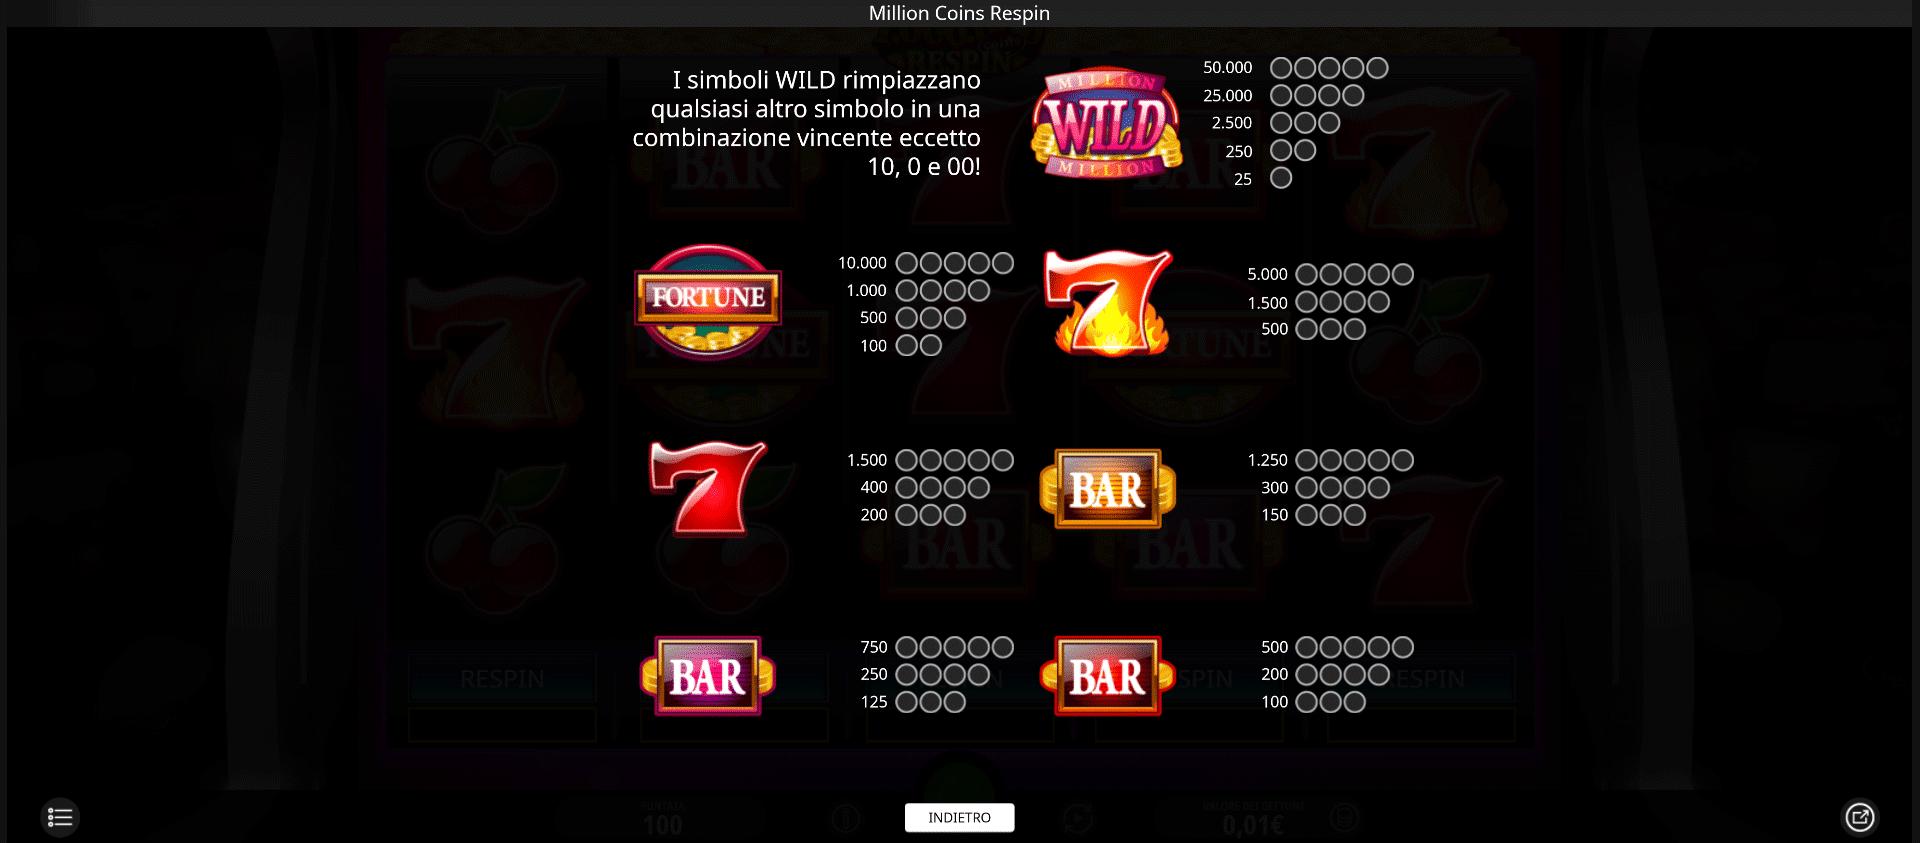 tabella dei pagamenti della slot machine million coins respins